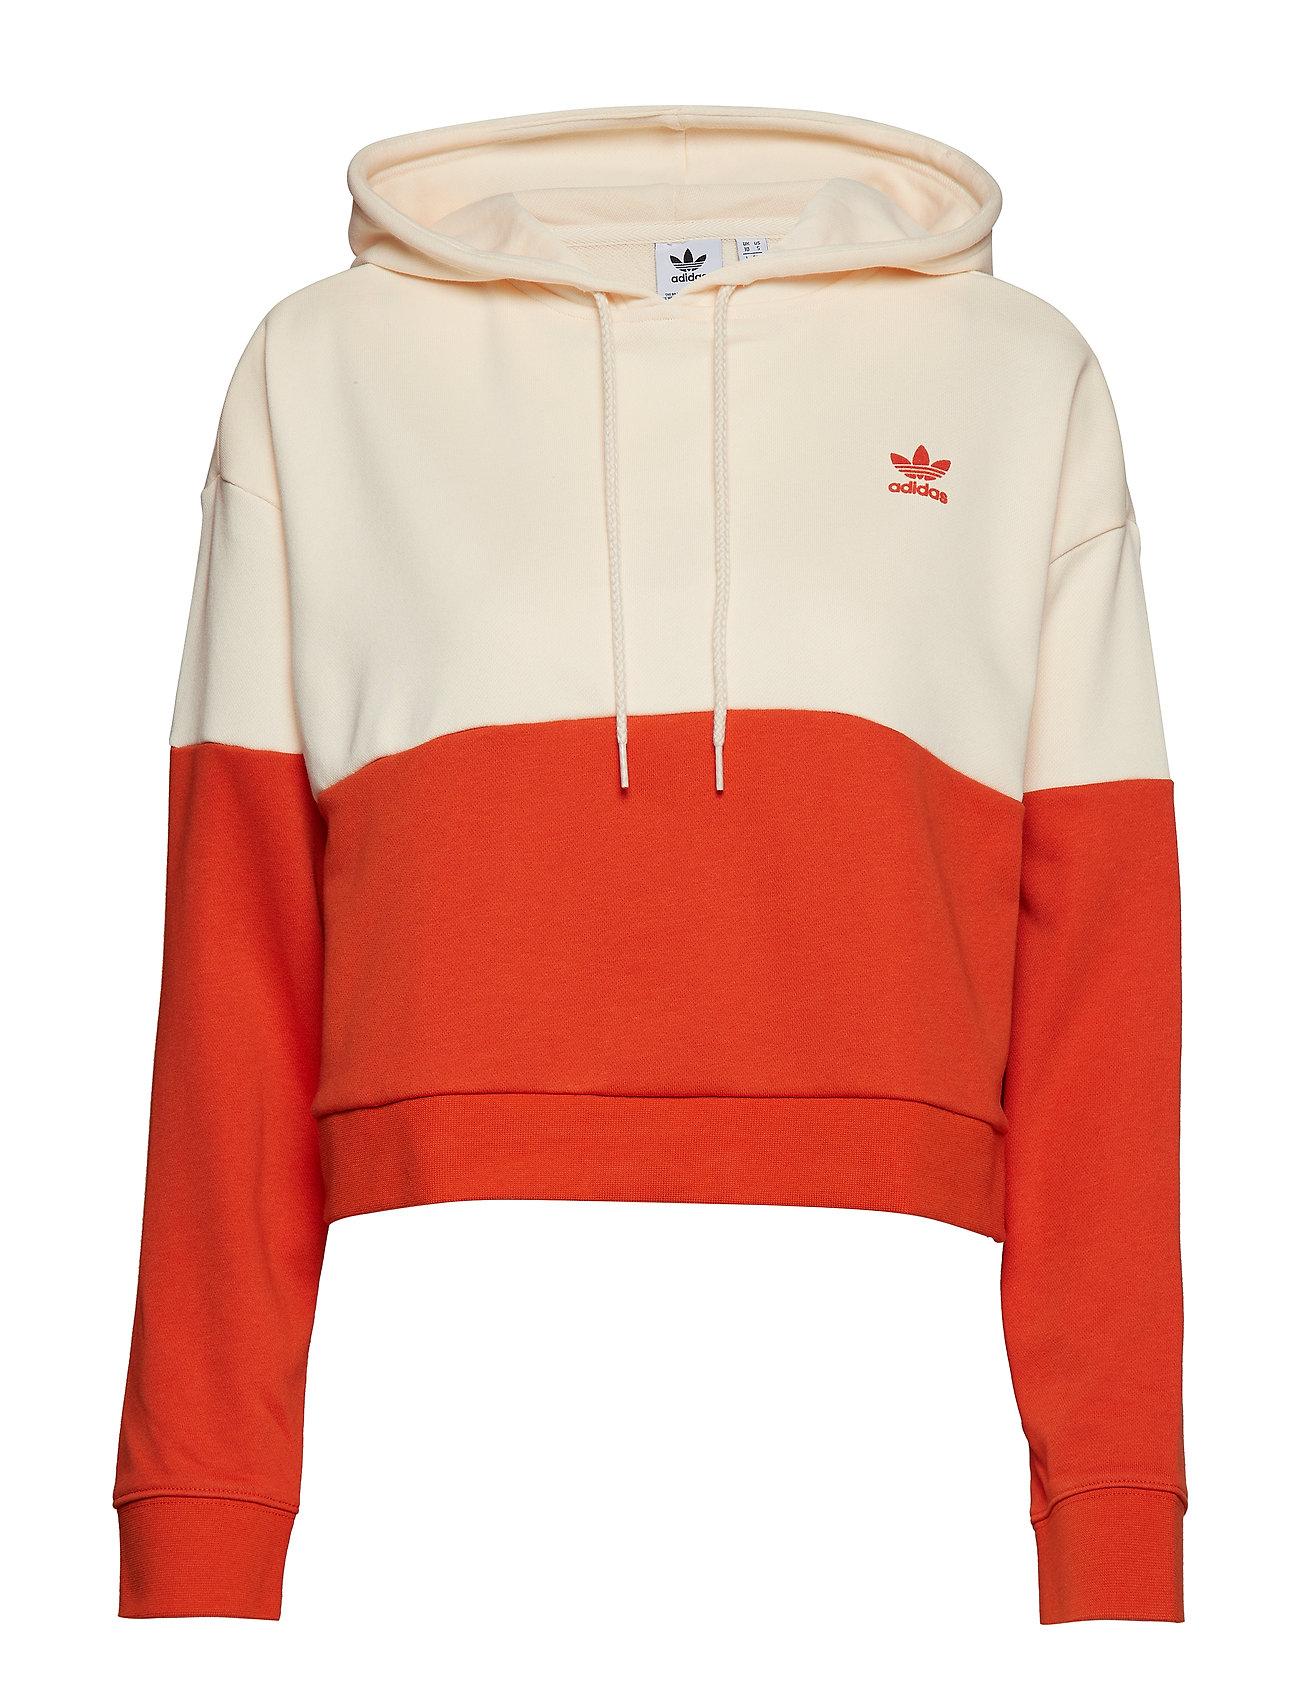 46c14810 ECRTIN/CRAORA Adidas Hoodie hoodies for dame - Pashion.dk